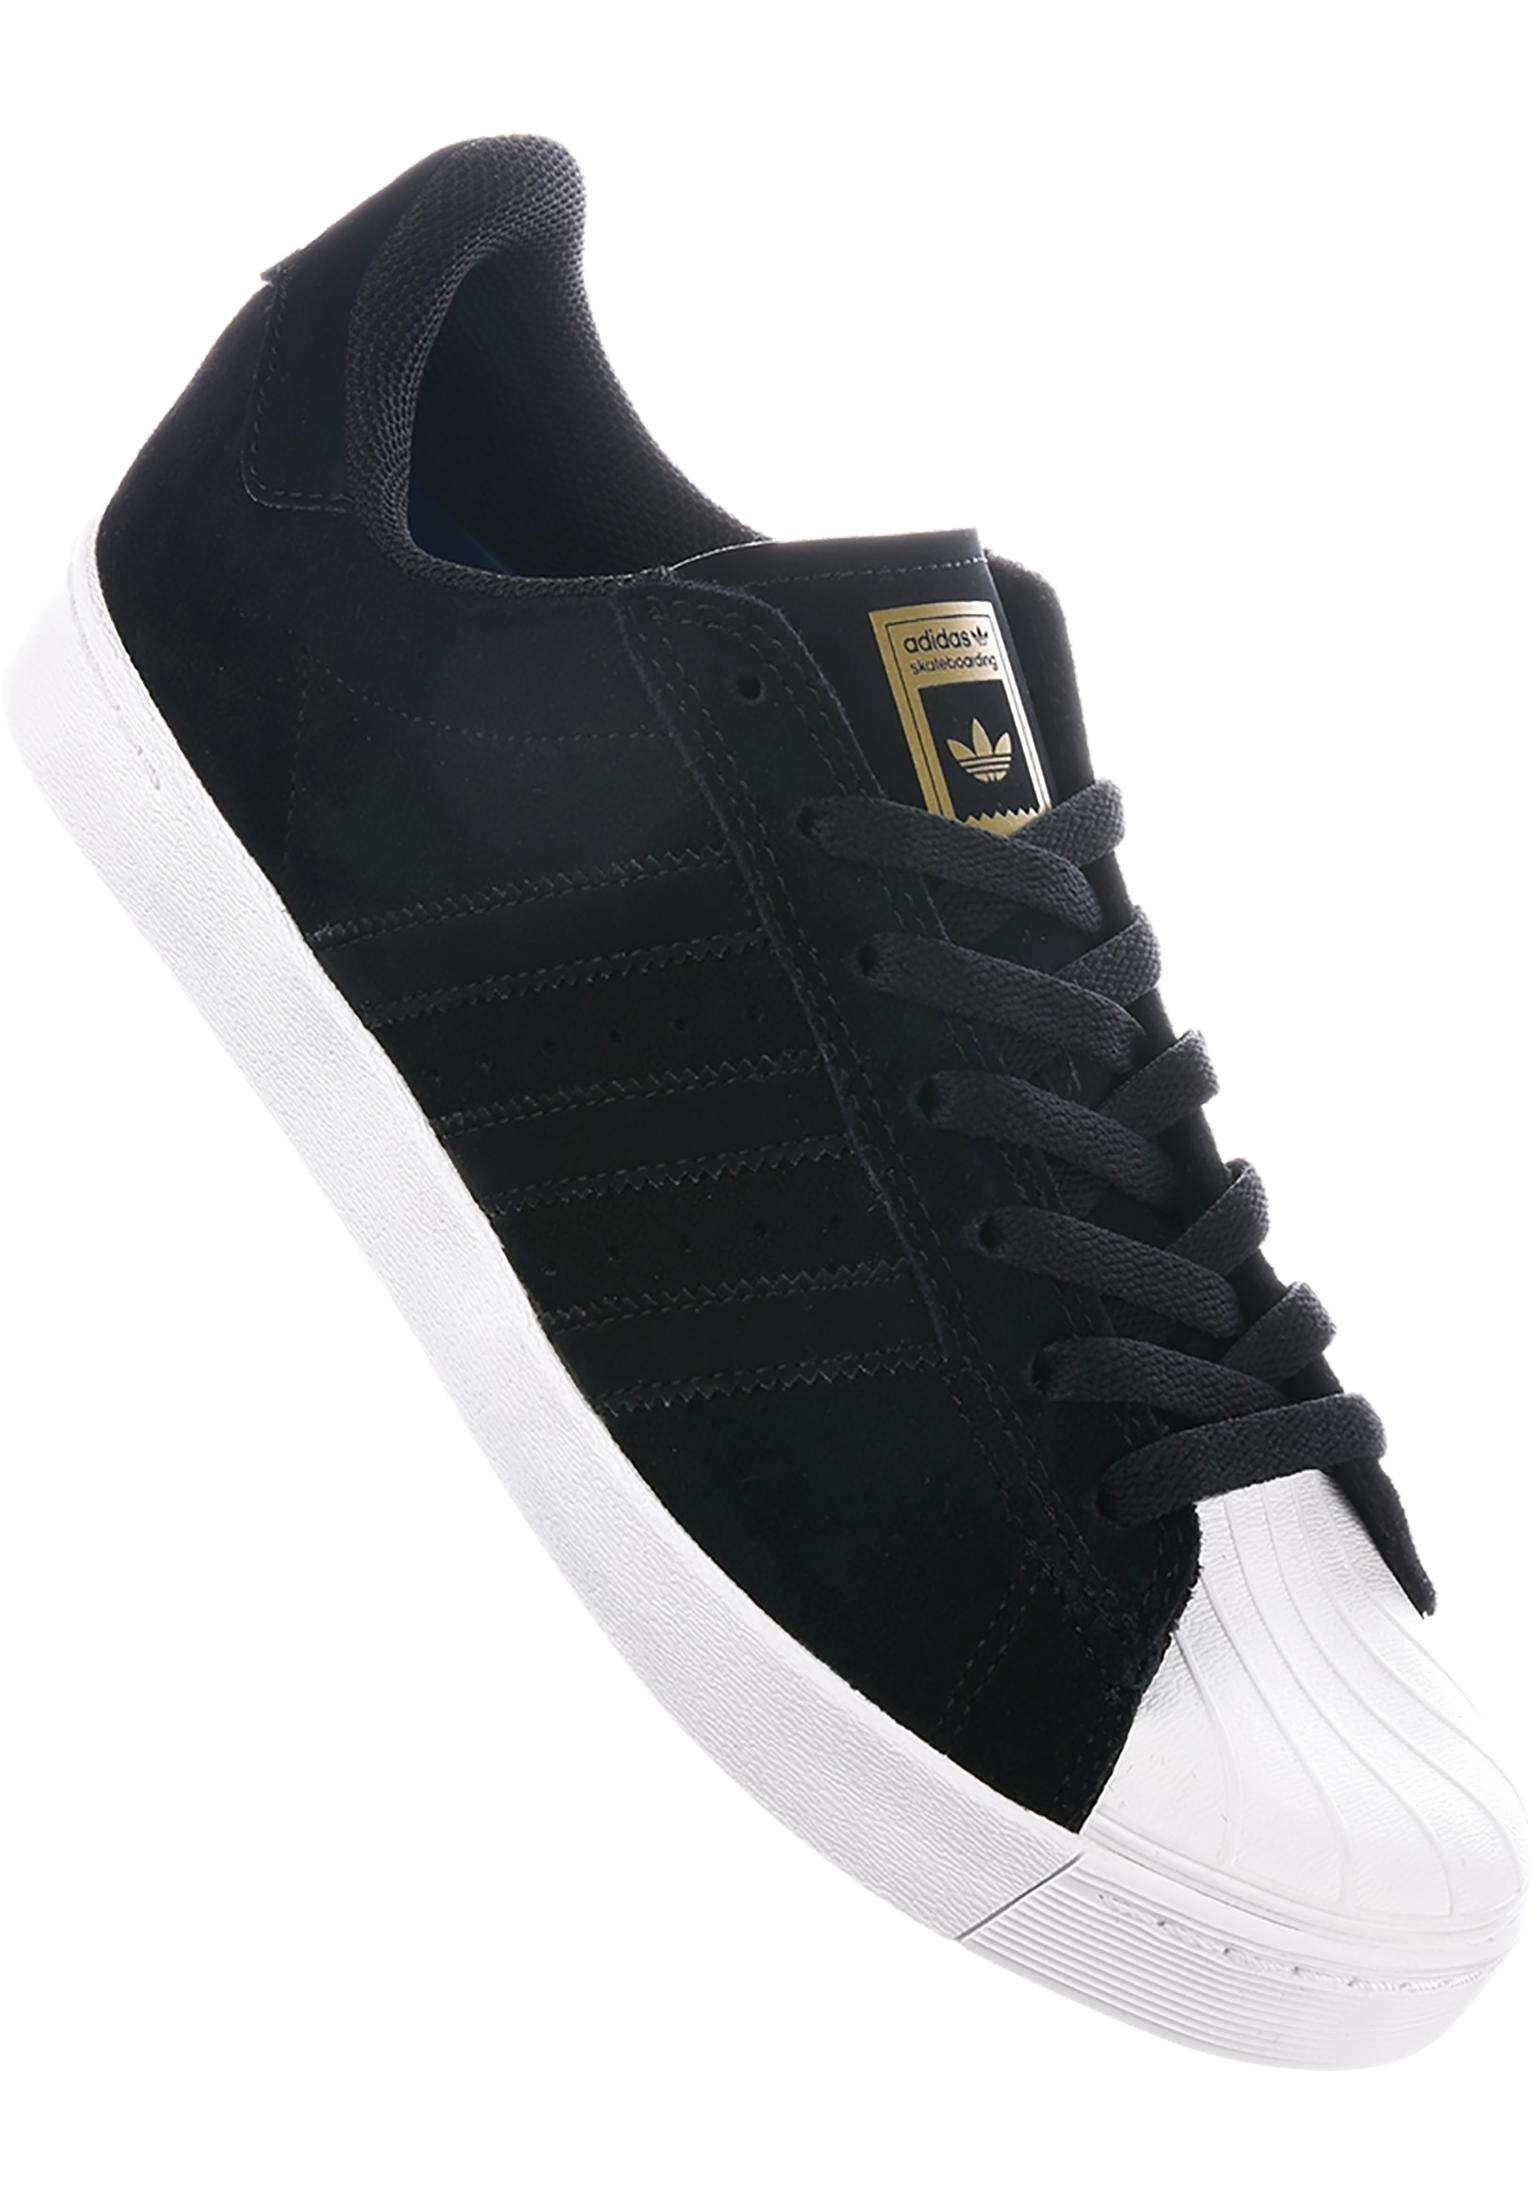 Adidas Superstar Vulc ADV core schwarz Weiß Weiß Weiß Gold